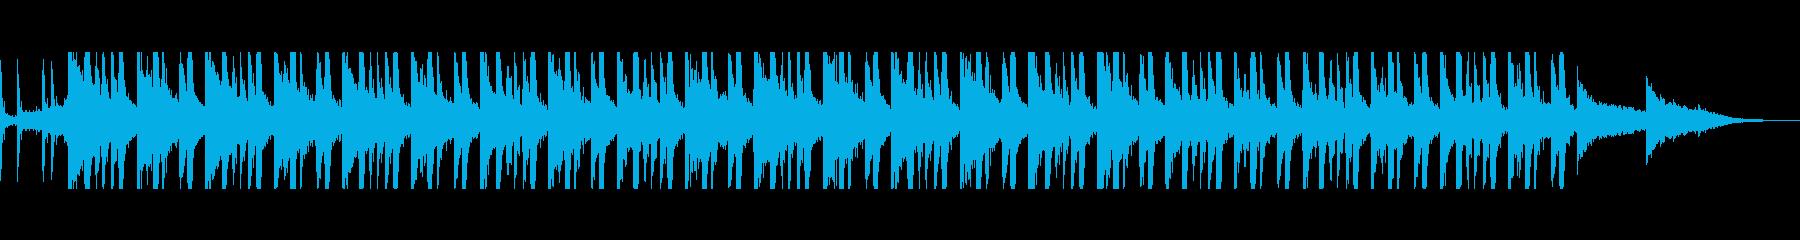 紹介曲  商品 企業 クラップ!の再生済みの波形